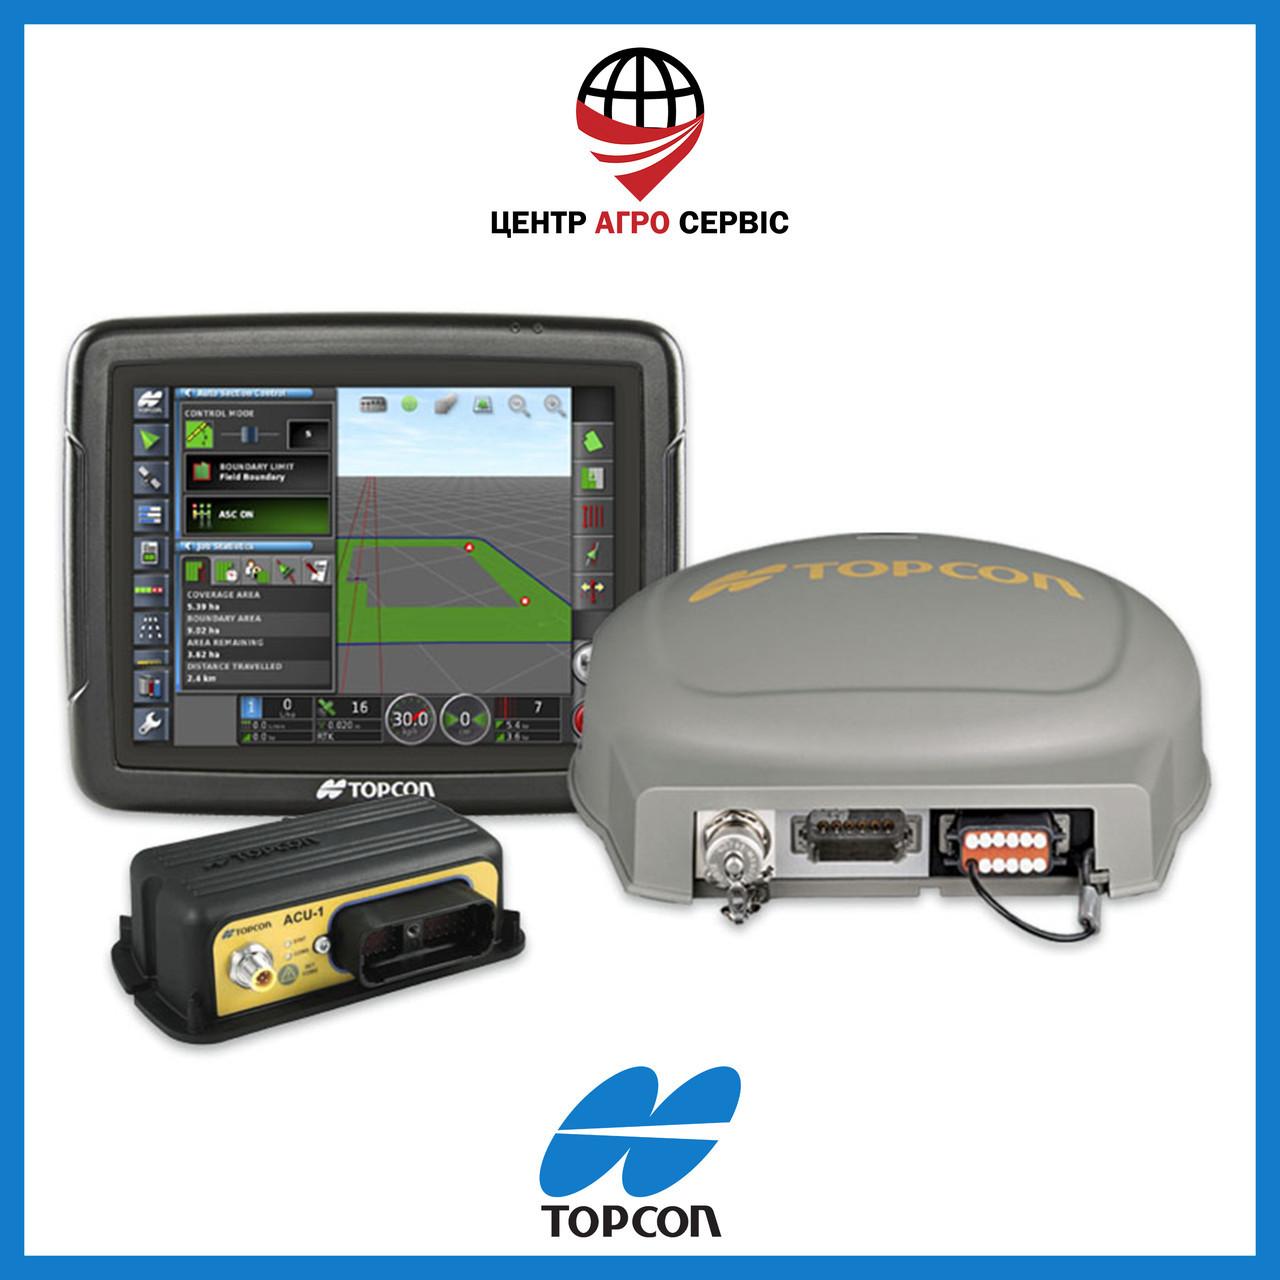 Автопилот TOPCON System X25 AGSR (гидравлическое автоматическое вождение для трактора, опрыскивателя,комбайна)